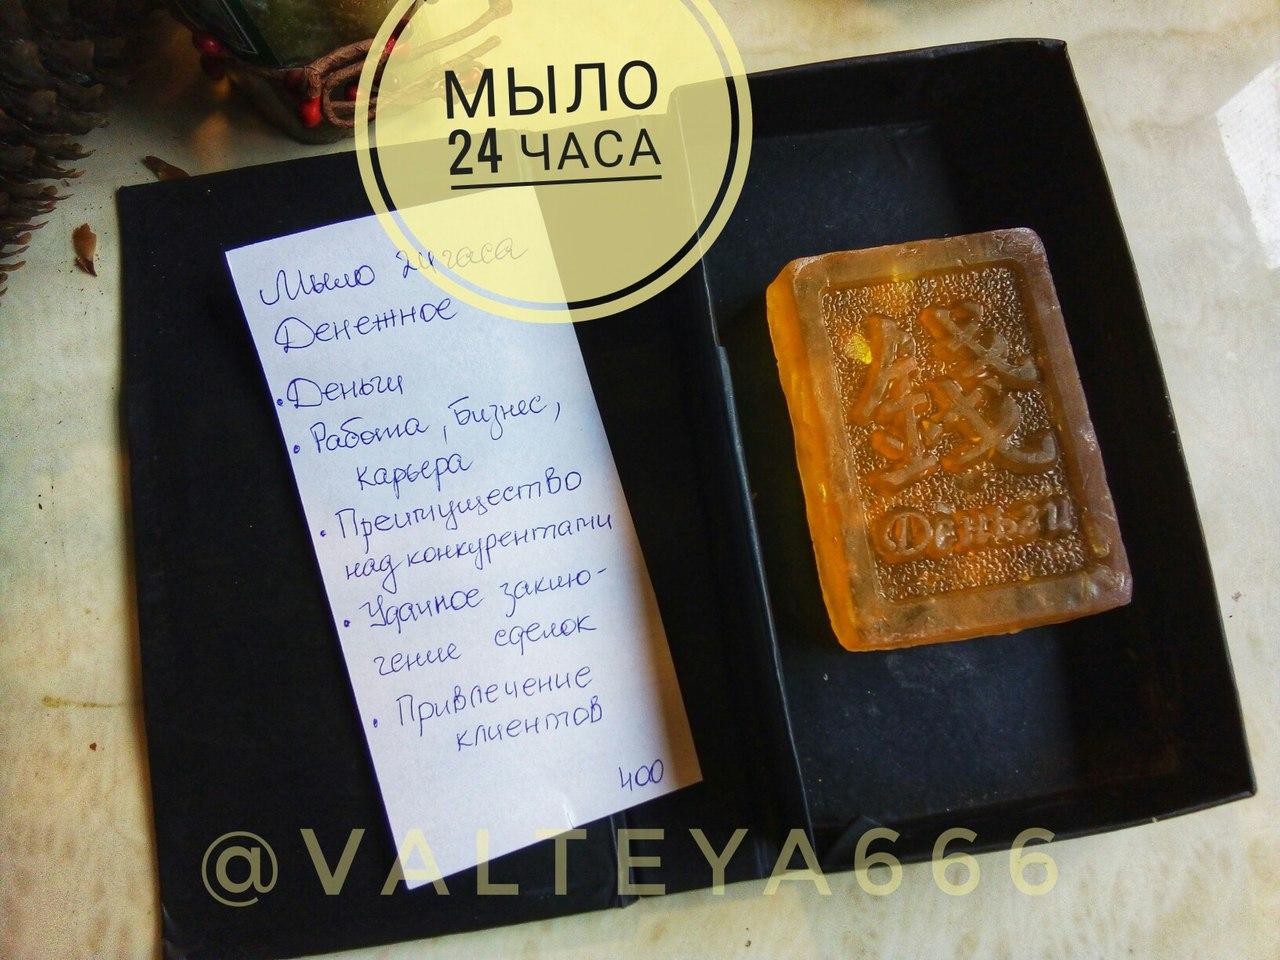 очарование - Программное мыло ручной работы от Елены Руденко - Страница 2 ILlmN52BpwU